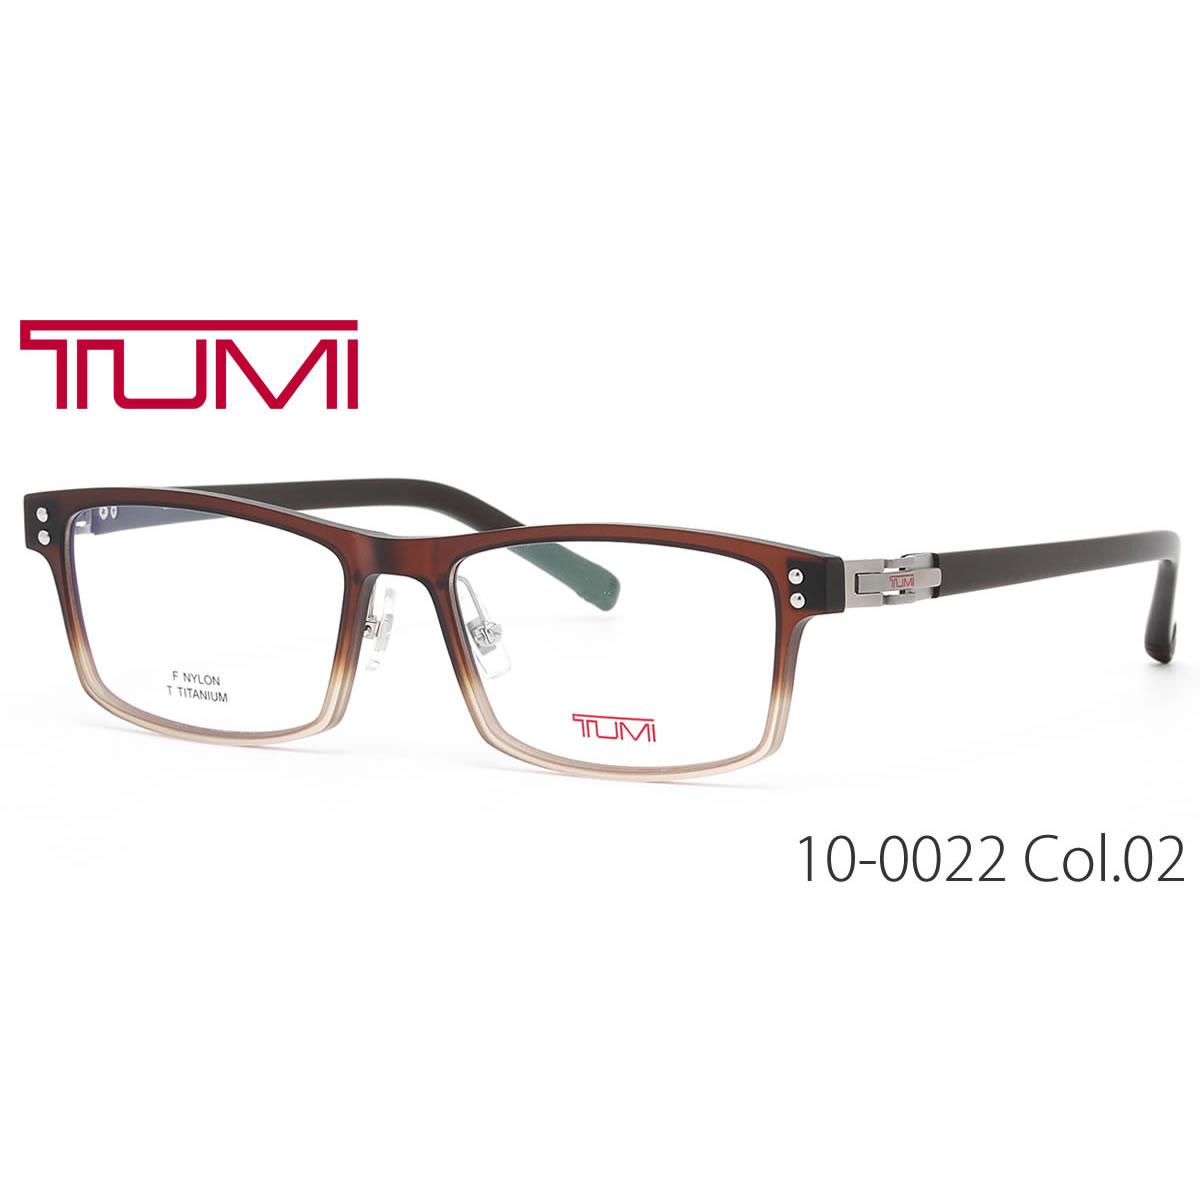 【10月30日からエントリーで全品ポイント20倍】トゥミ メガネ 10-0022 02 54サイズ TUMI ビジネスバッグで人気のブランド メンズ